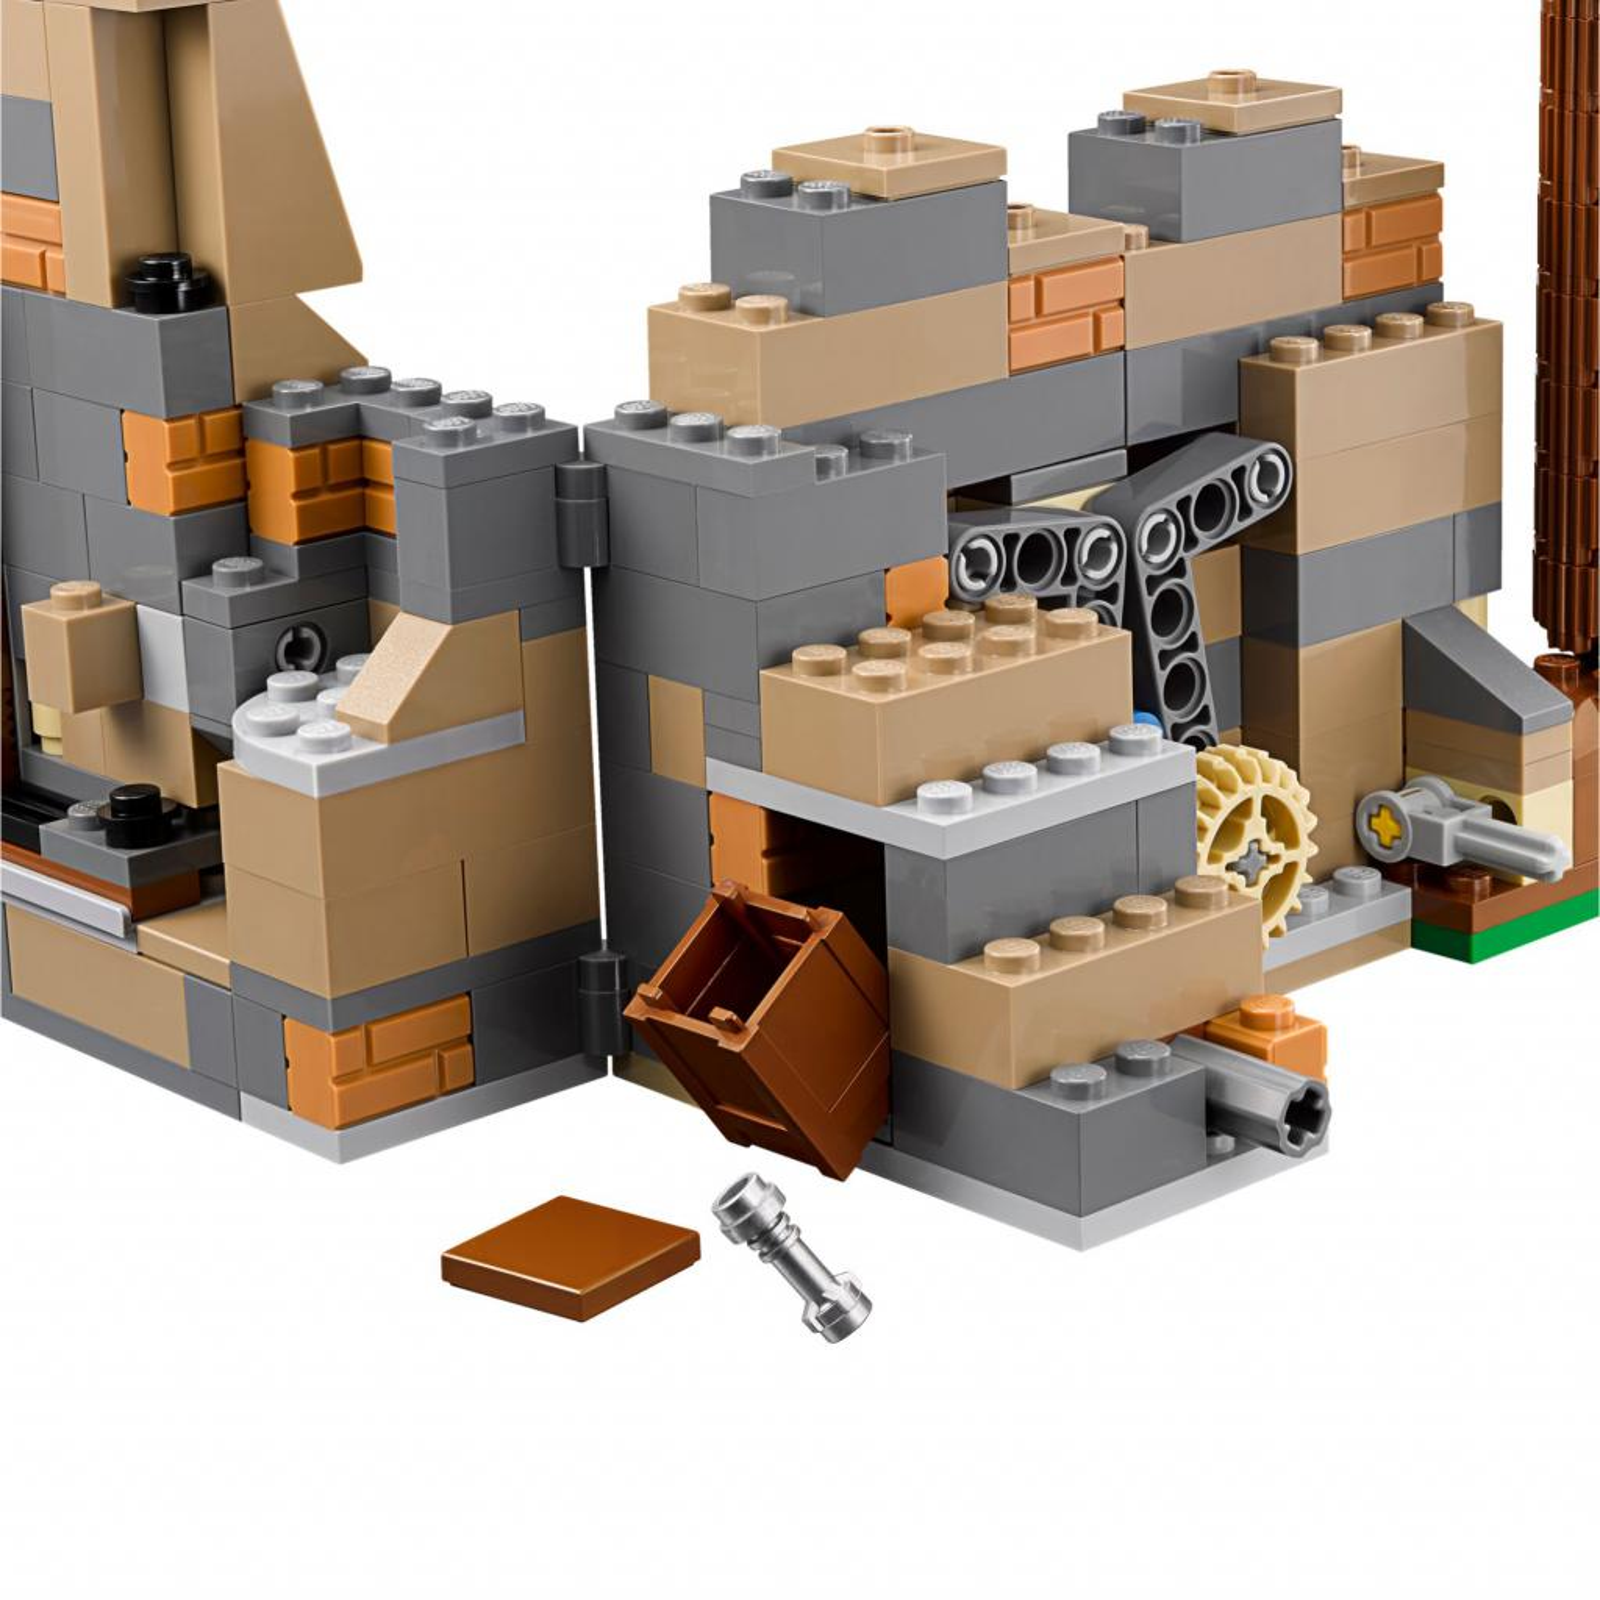 Конструктор LEGO Star Wars Битва на планете Такодана (75139) изображение 6